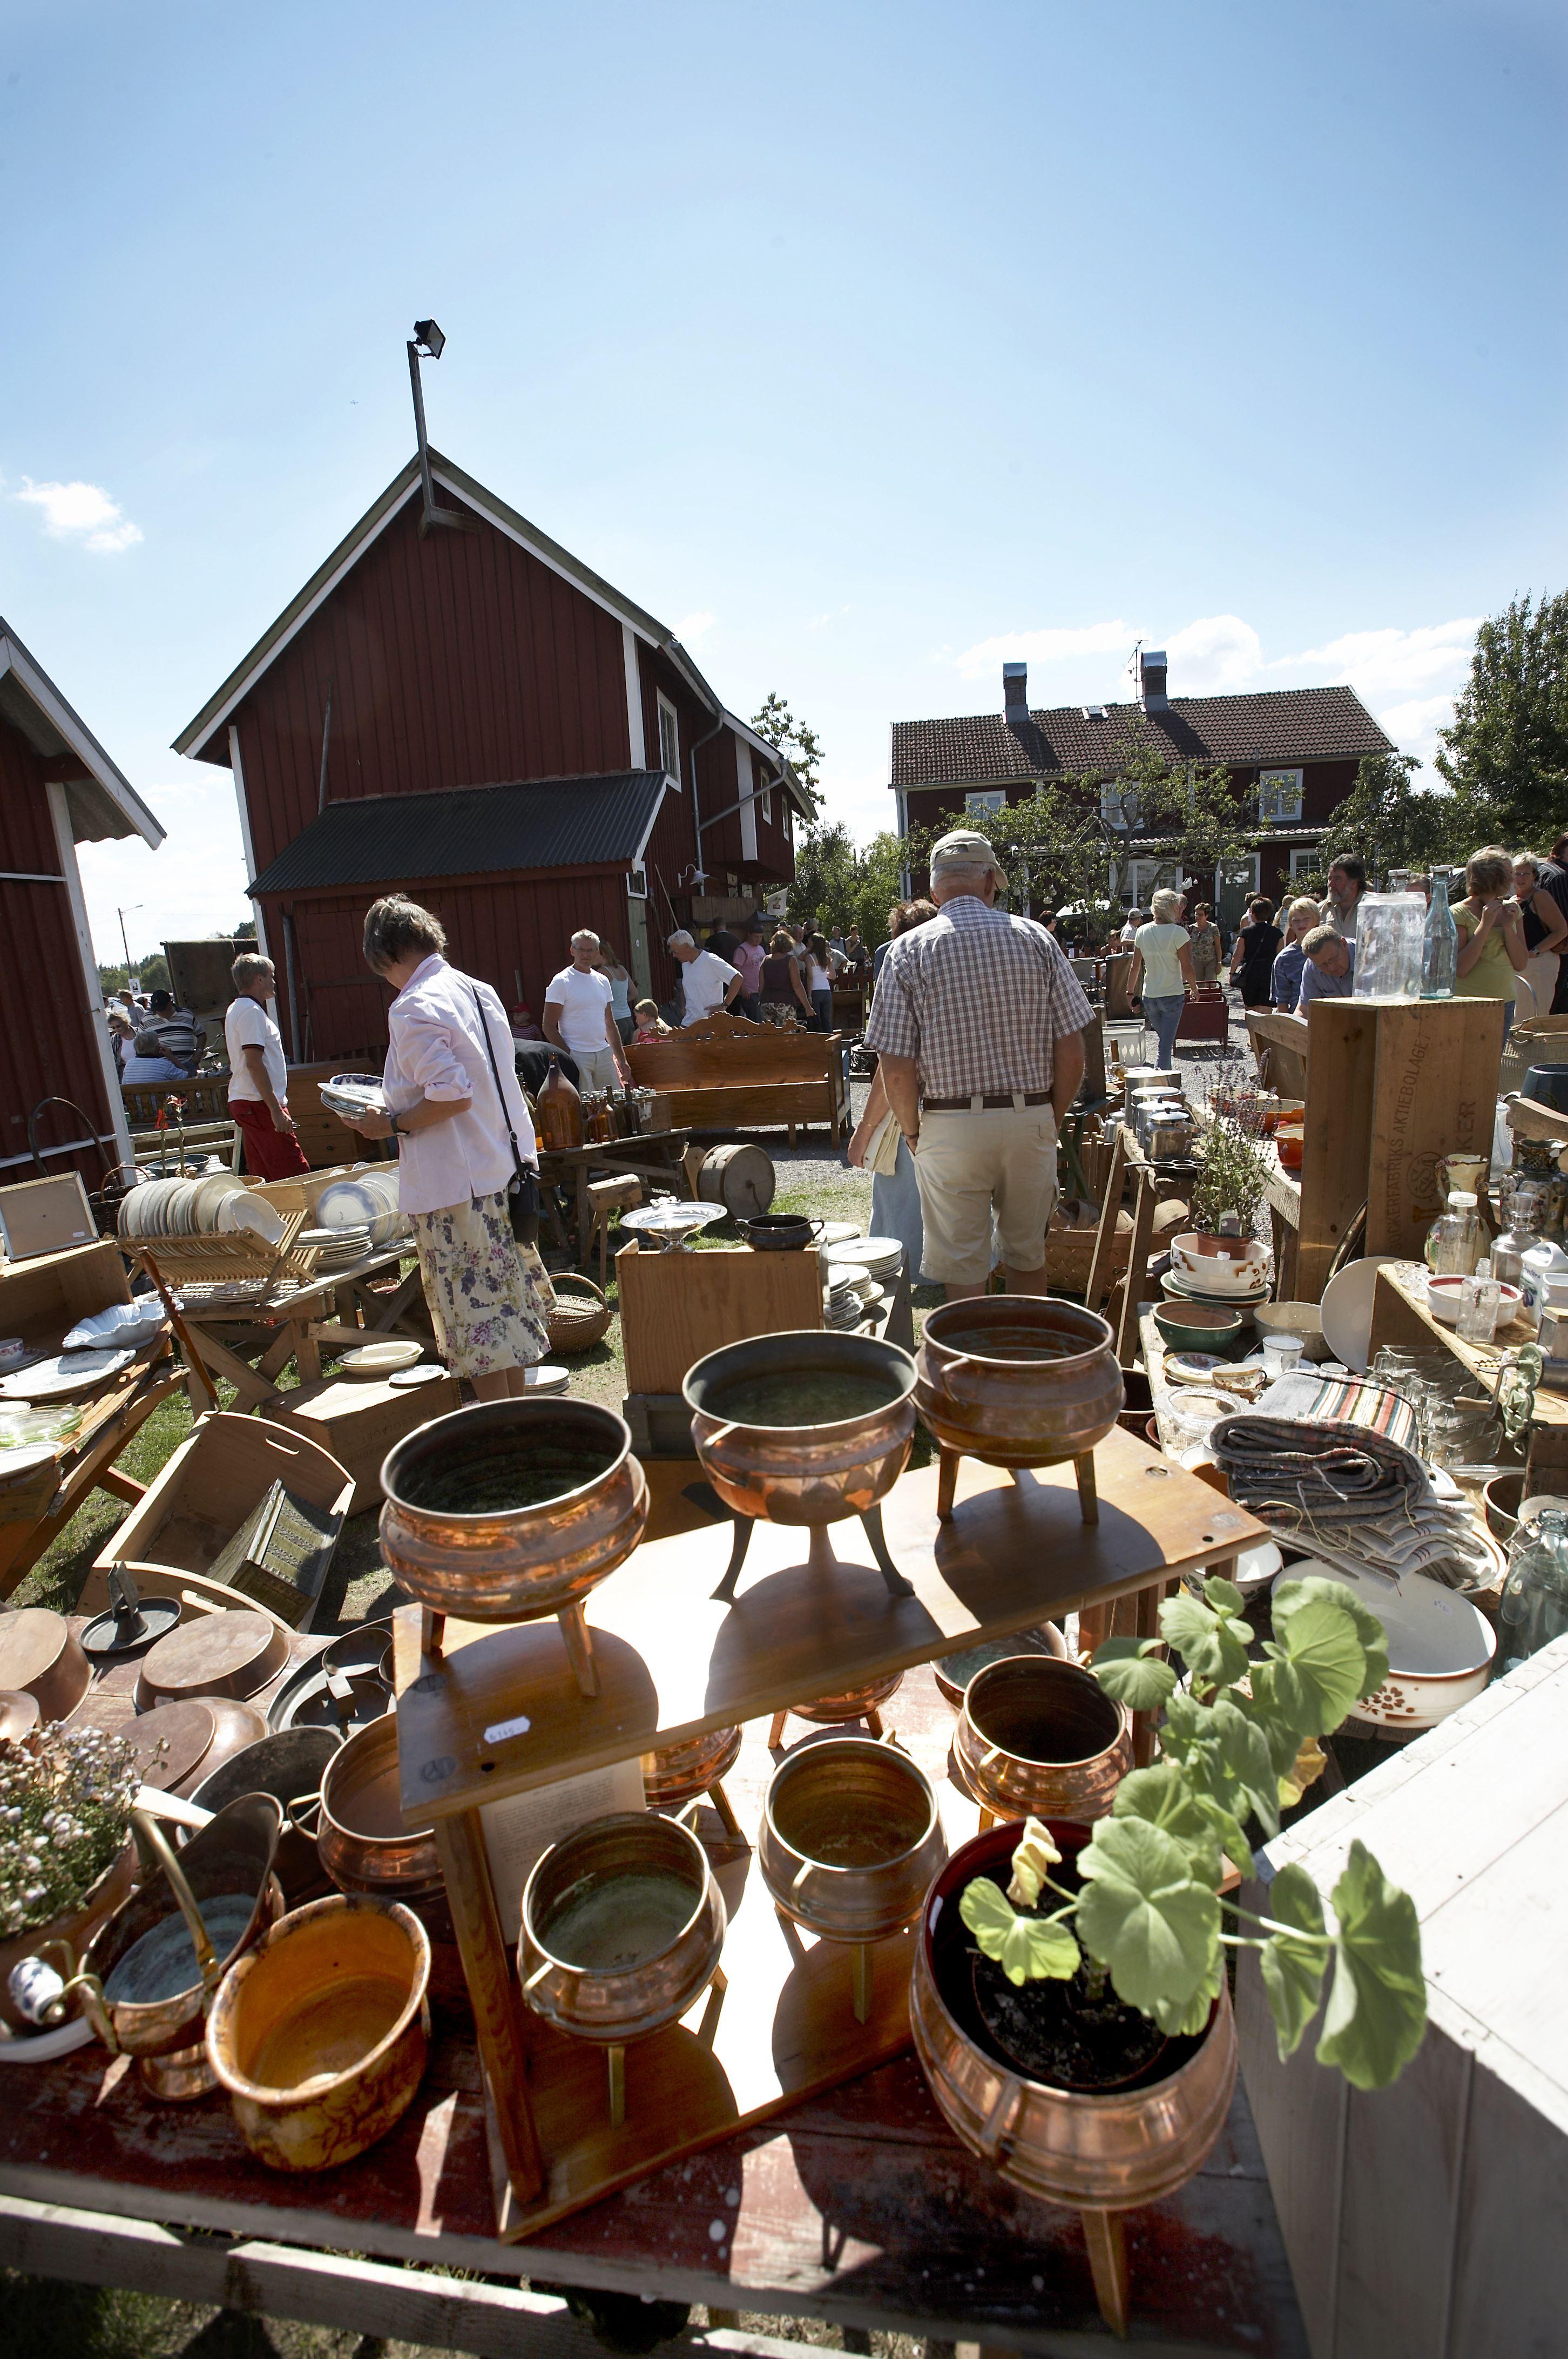 Östregårds antique and flea market